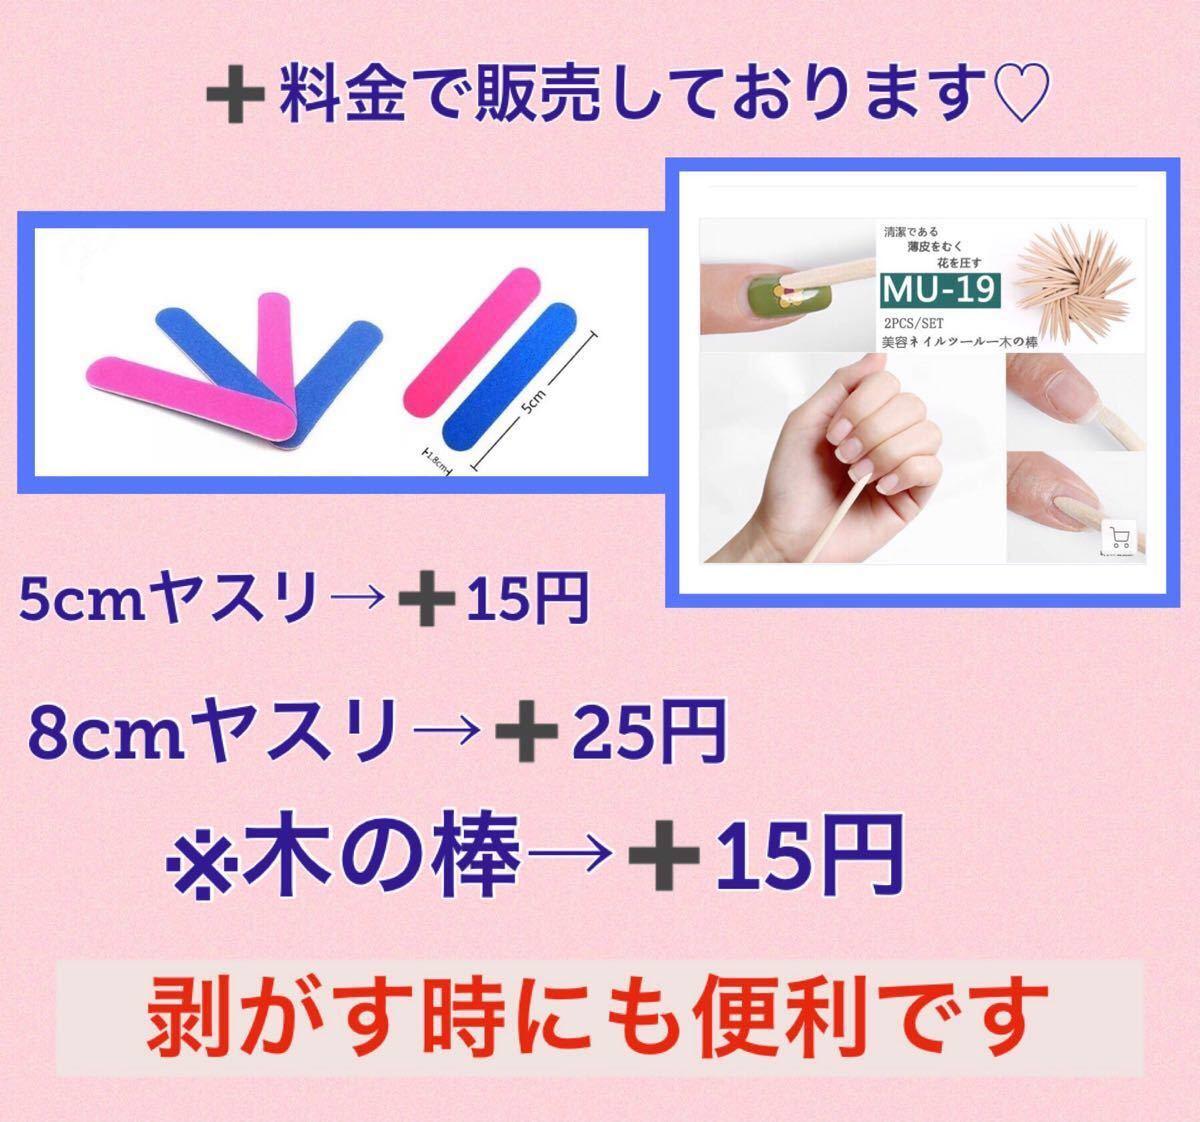 4枚購入で1枚プレゼント!ジェルネイルシール☆。.:*・゜